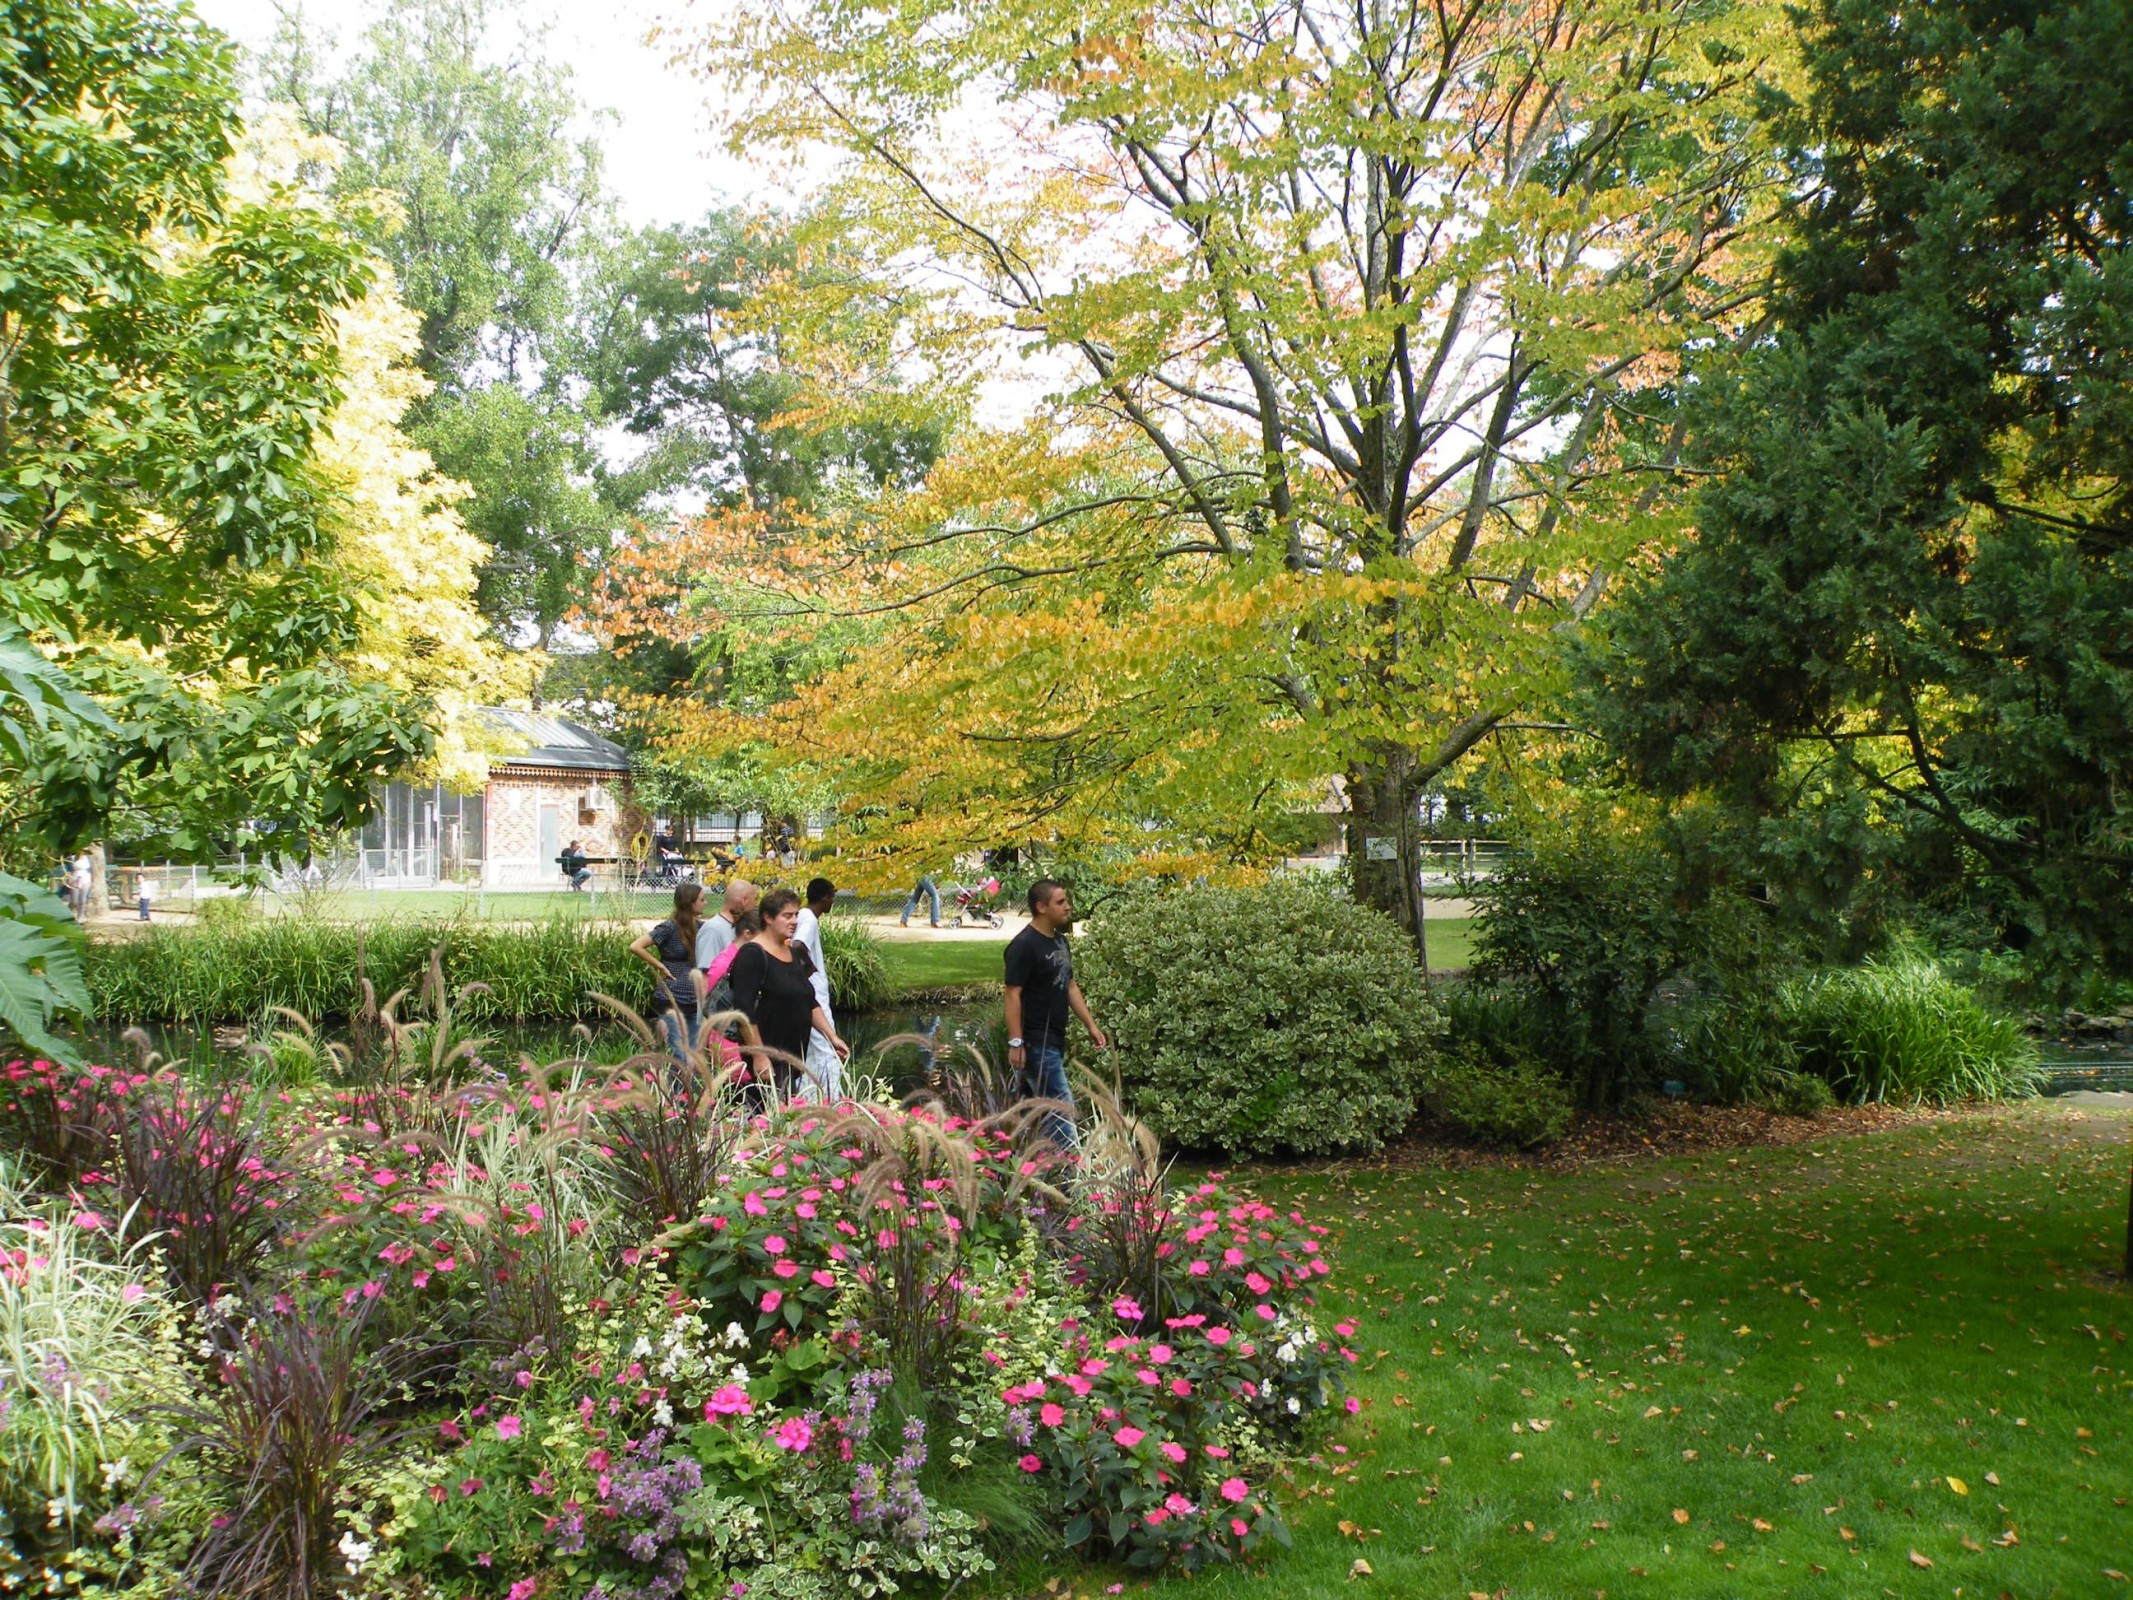 Fotogalerie botanick zahrada v tours jardin botanique for Jardin botanique tours